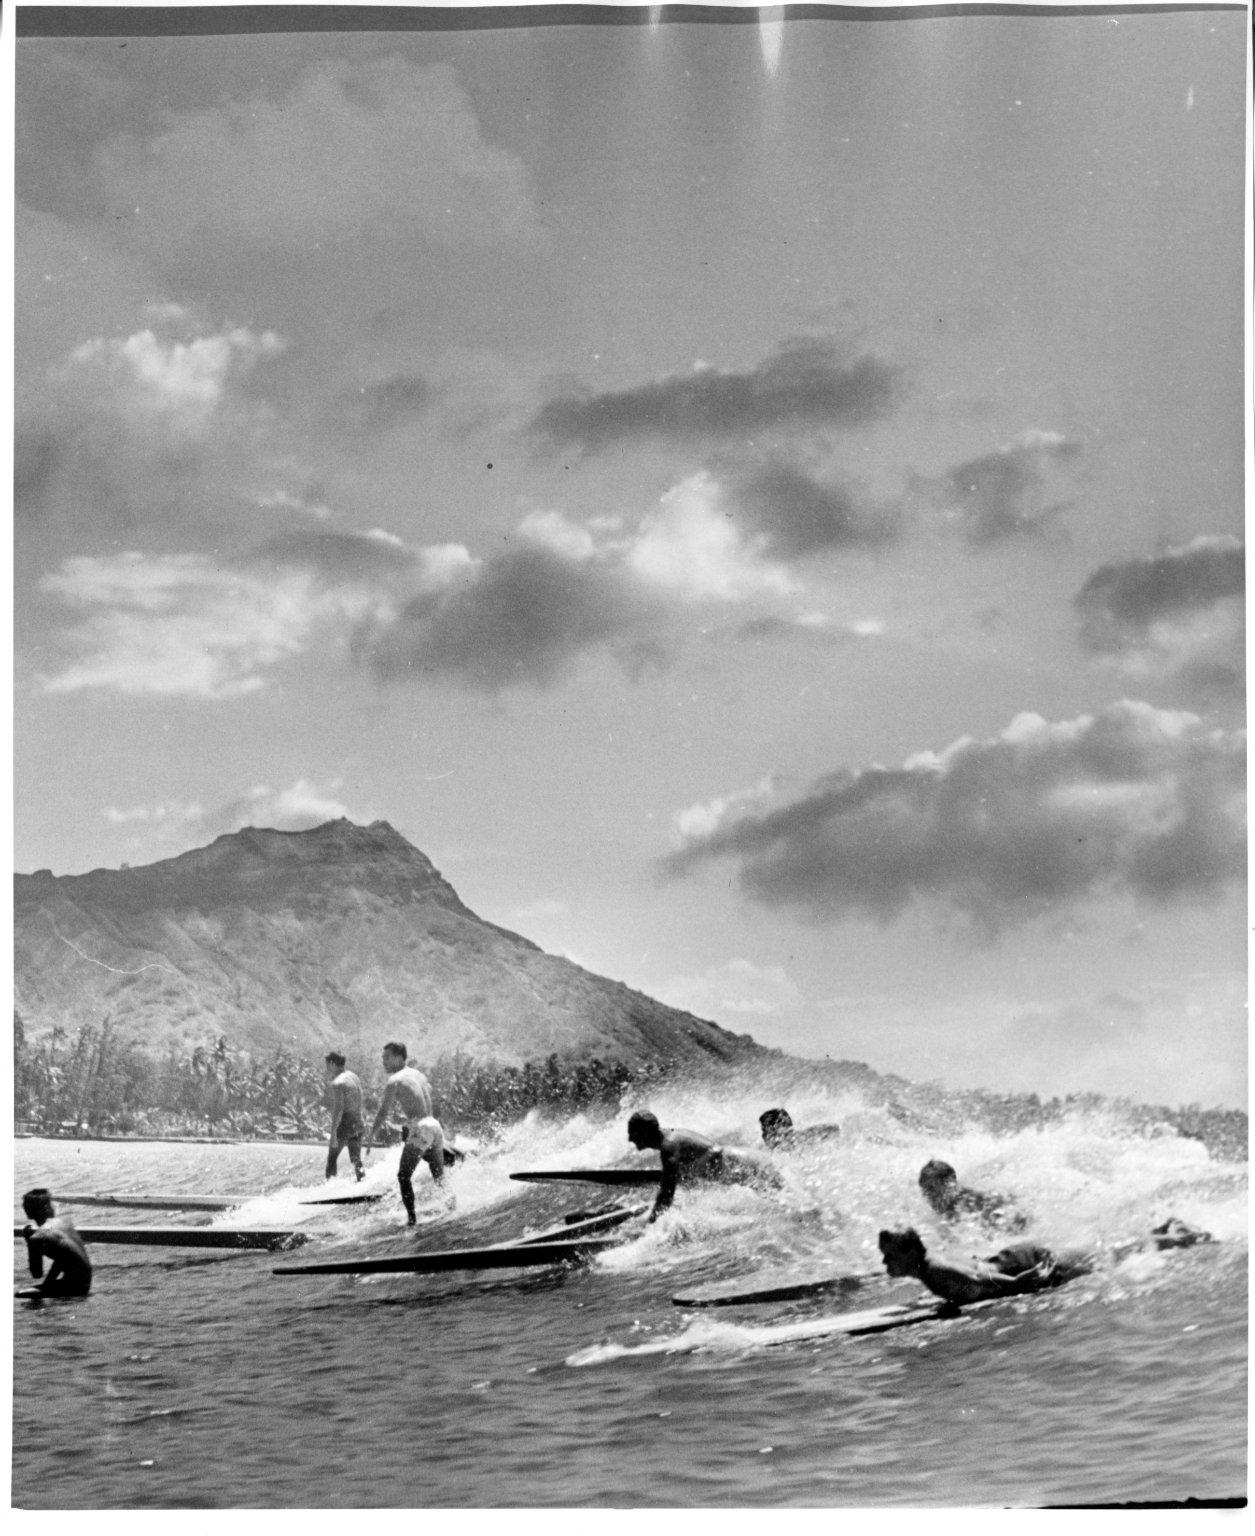 Surfers off Waikiki Beach